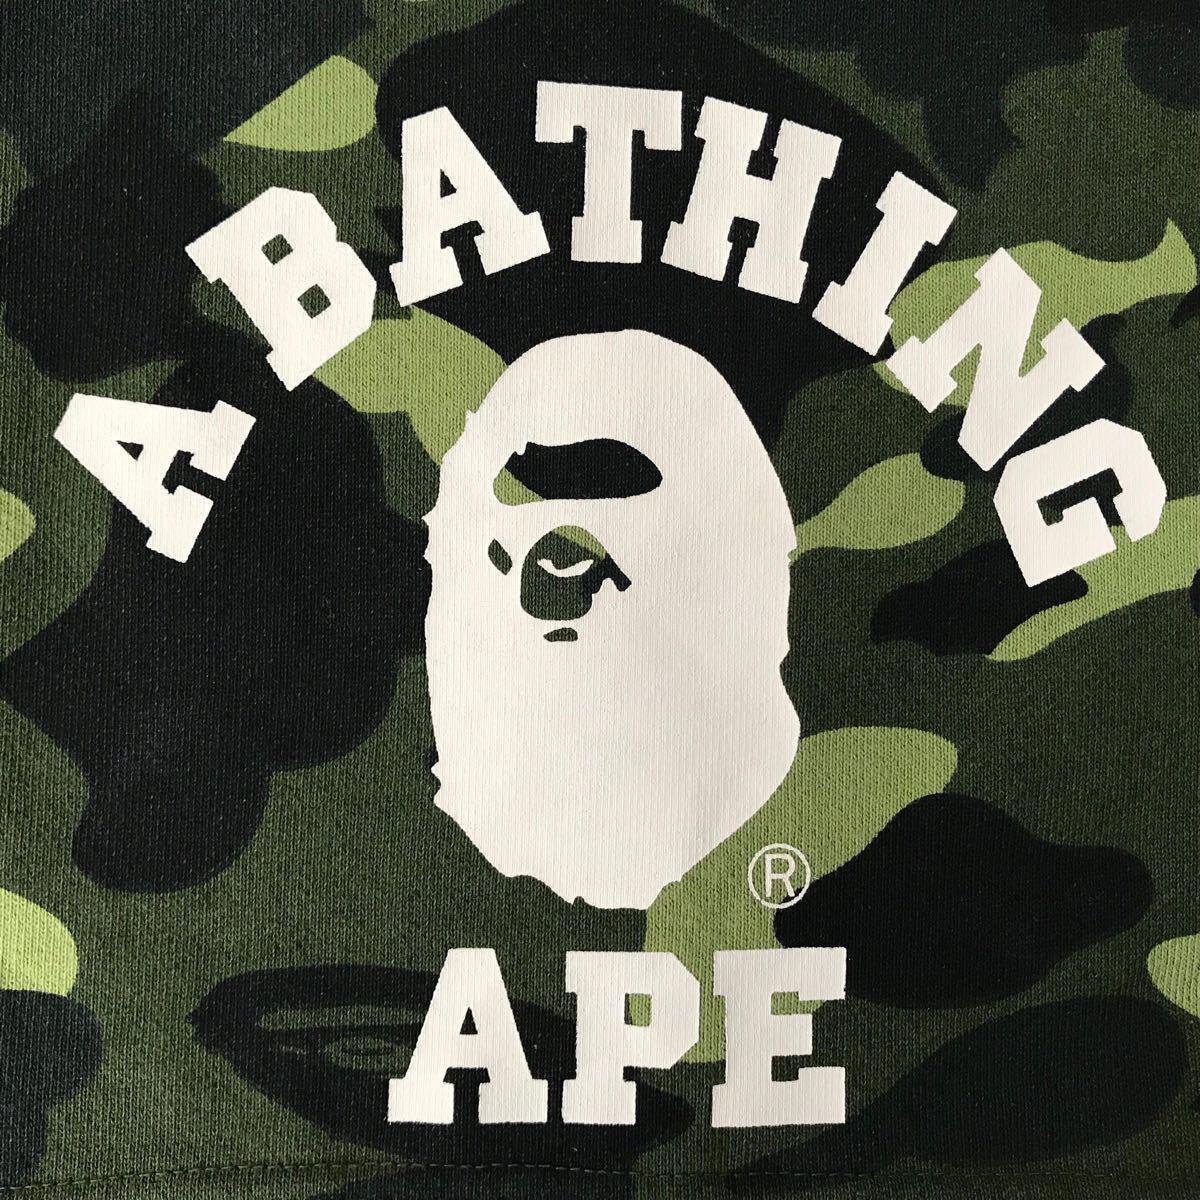 カレッジロゴ スウェット マフラー green camo a bathing ape bape エイプ ベイプ アベイシングエイプ ストール 迷彩 グリーンカモ